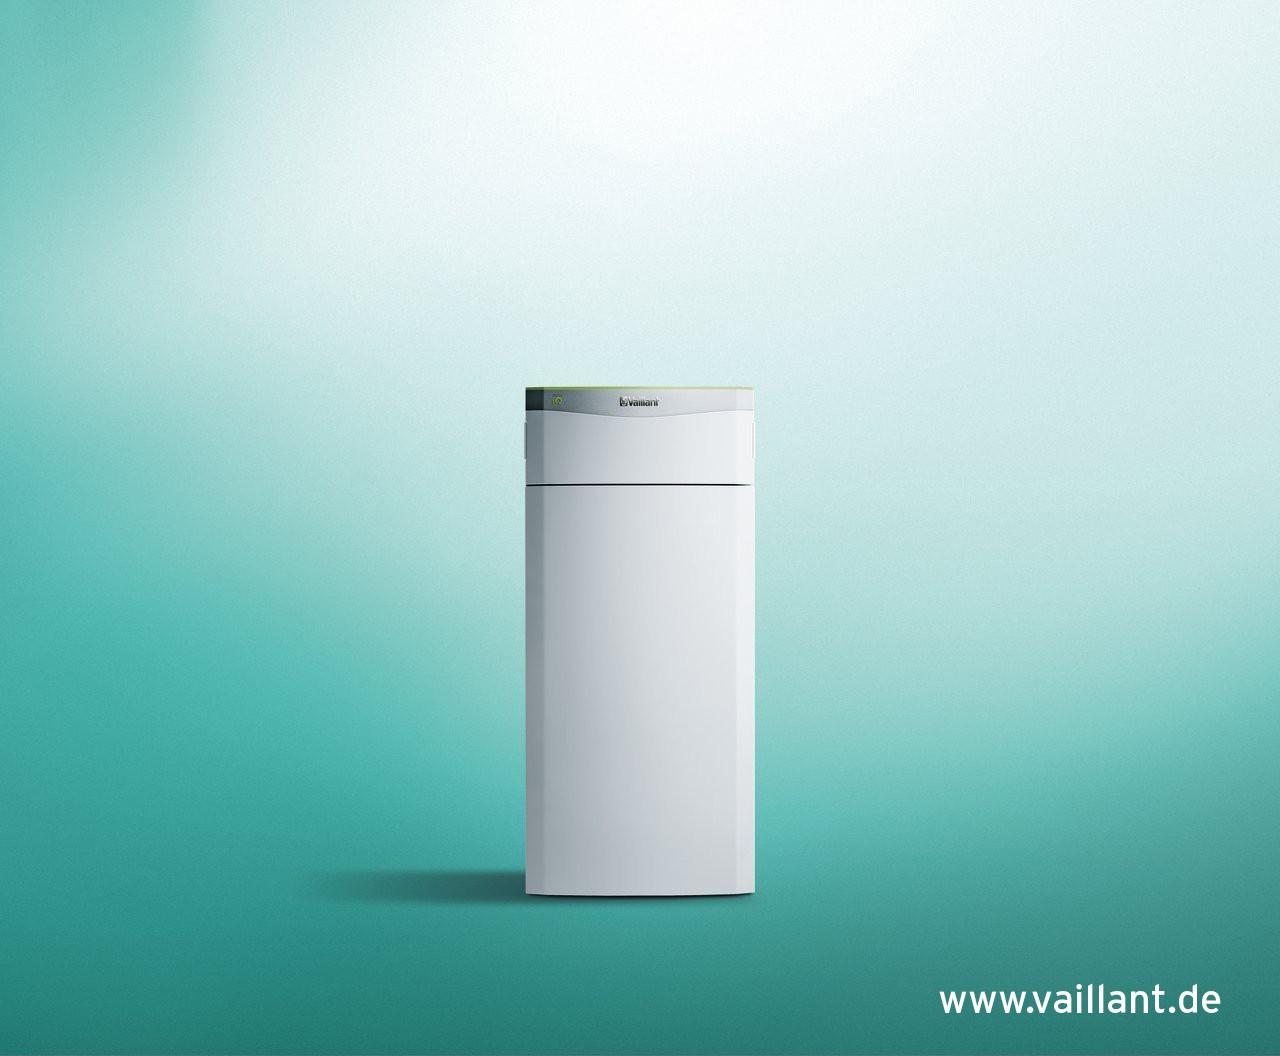 Vaillant VAILLANT flexoTHERM exclusive VWF 117/4